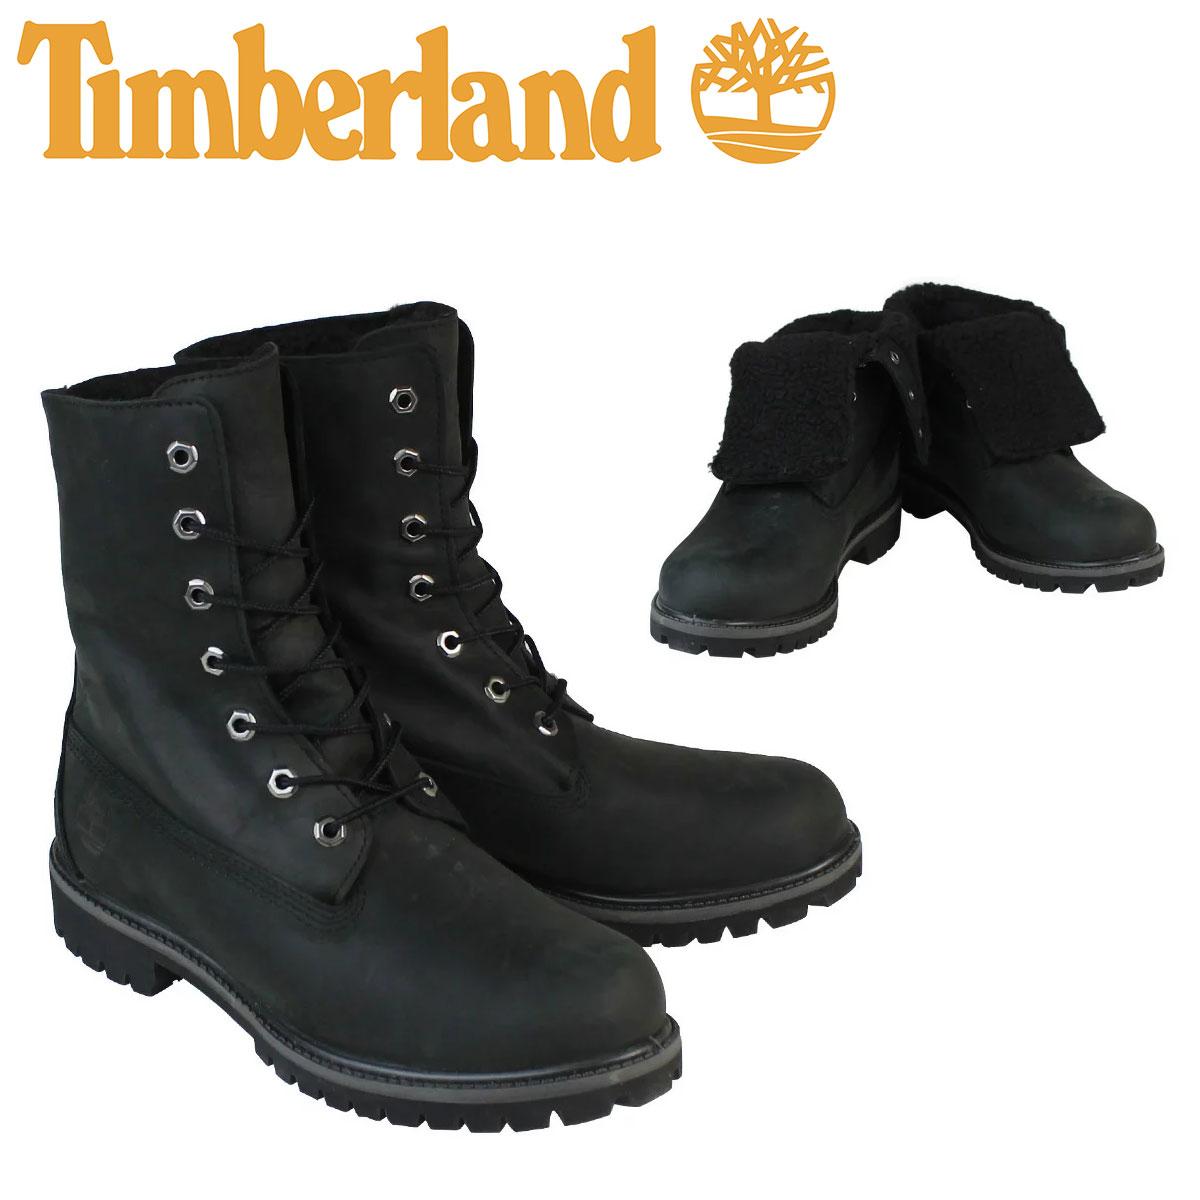 Timberland ティンバーランド HERITAGE FOLD-DOWN WARM FLEECE LINED BOOT ブーツ ヘリテージ フォルドダウン フリース ライン A119A ブラック メンズ